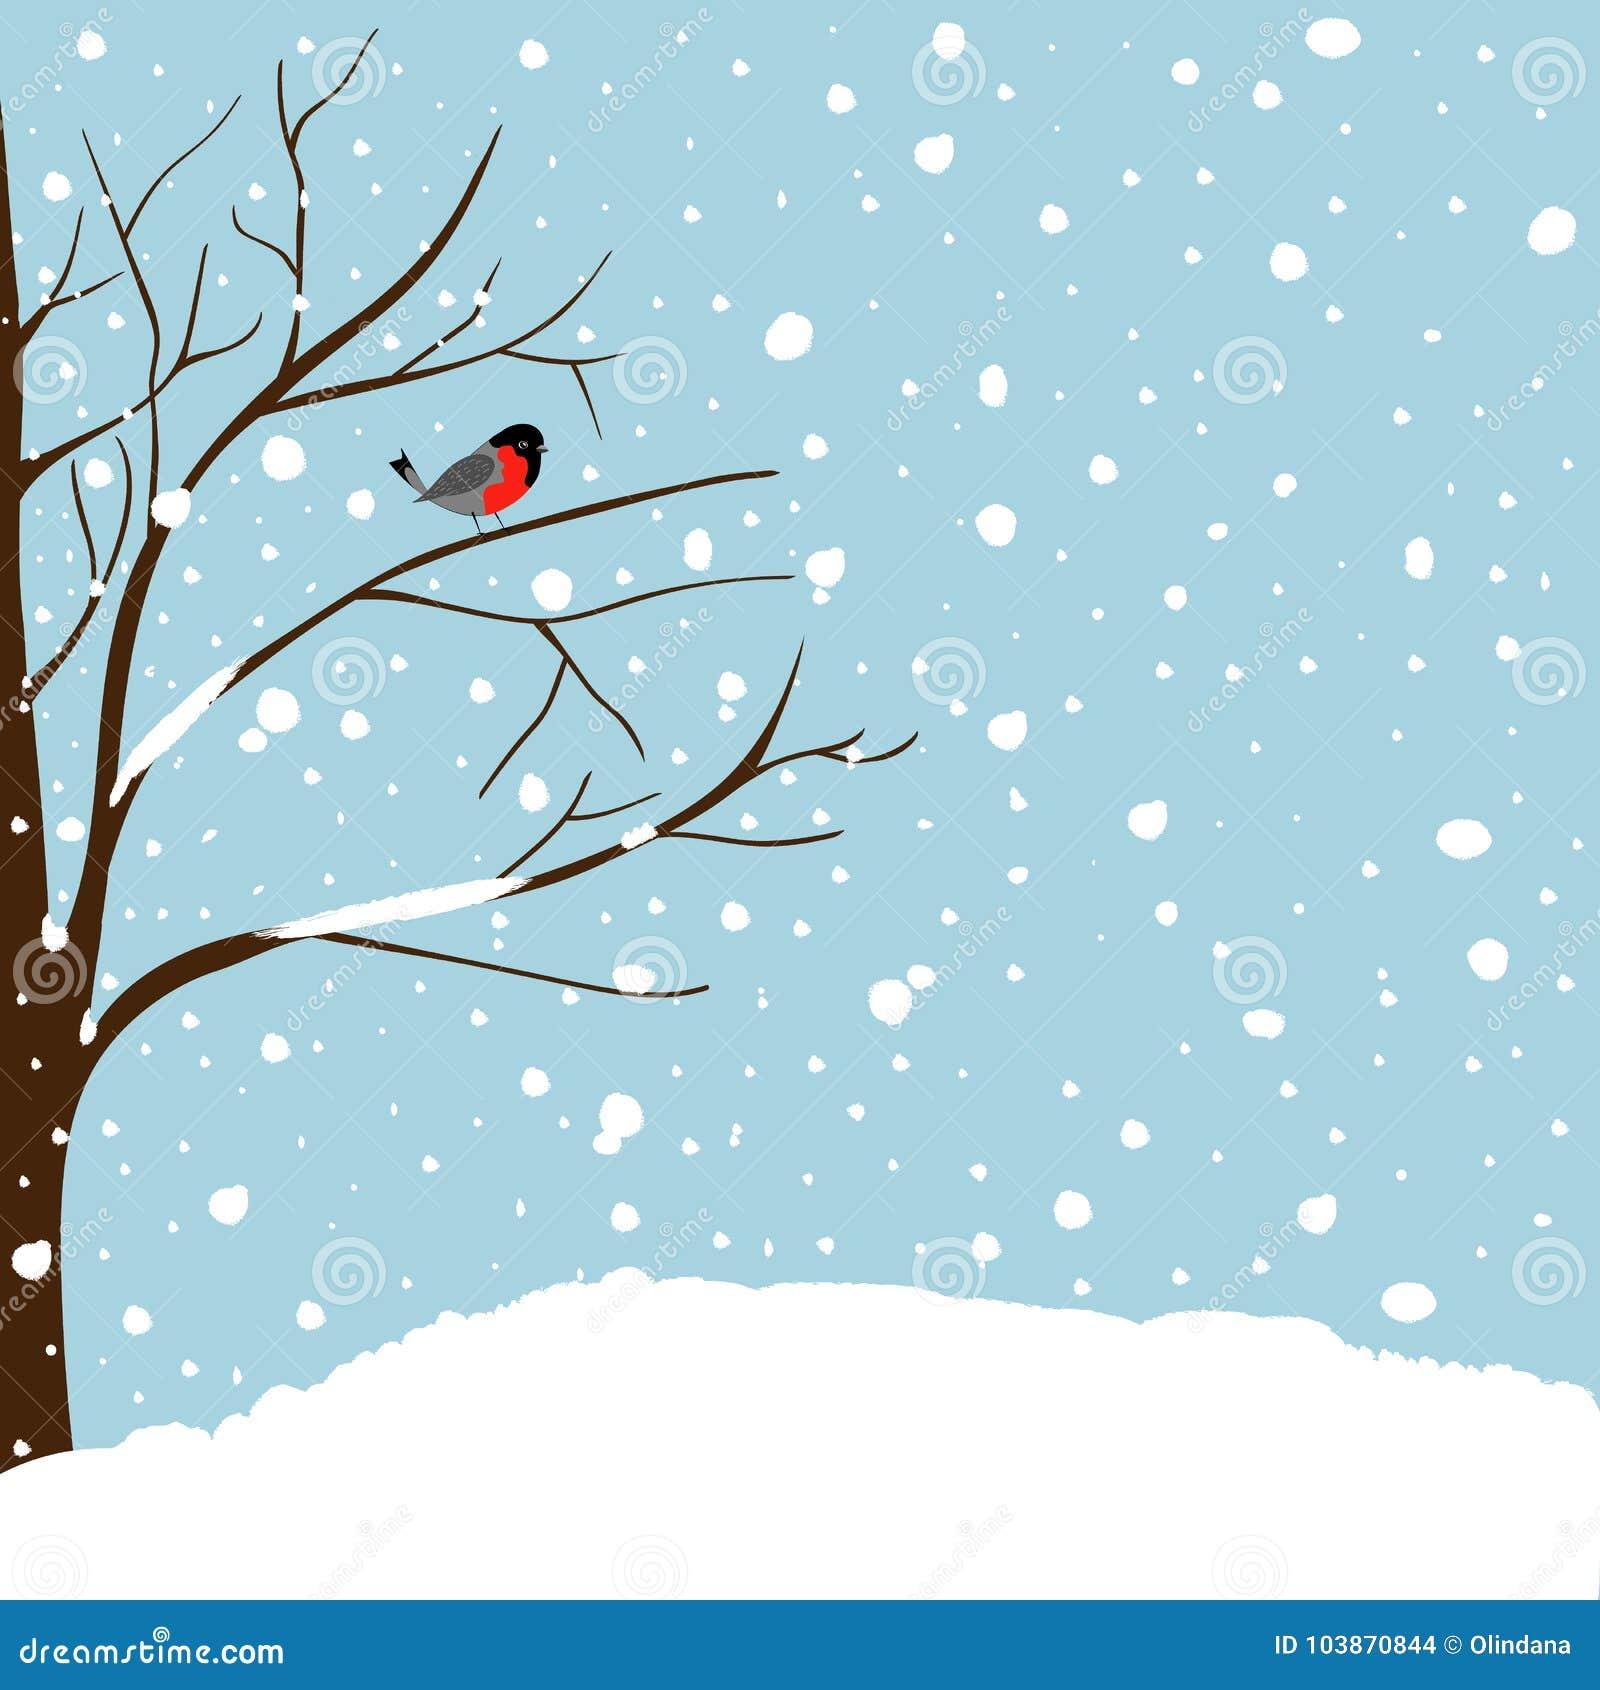 Escena del paisaje del invierno Tarjeta de felicitación del Año Nuevo de la Navidad Forest Falling Snow Red Capped Robin Bird Sit